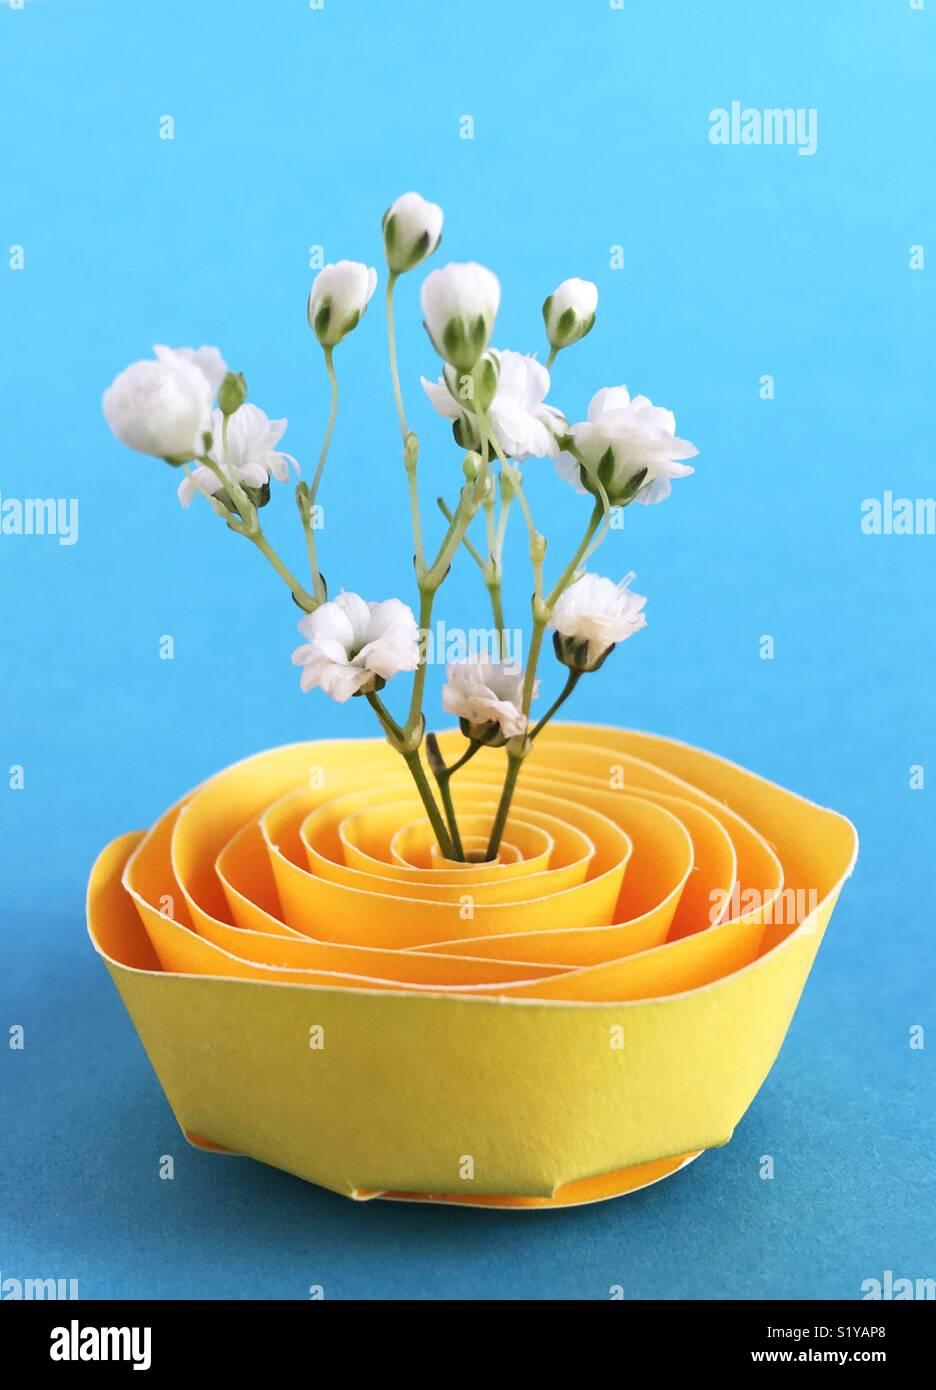 Gypsophile fleurs dans un stand de papier. Photo Stock